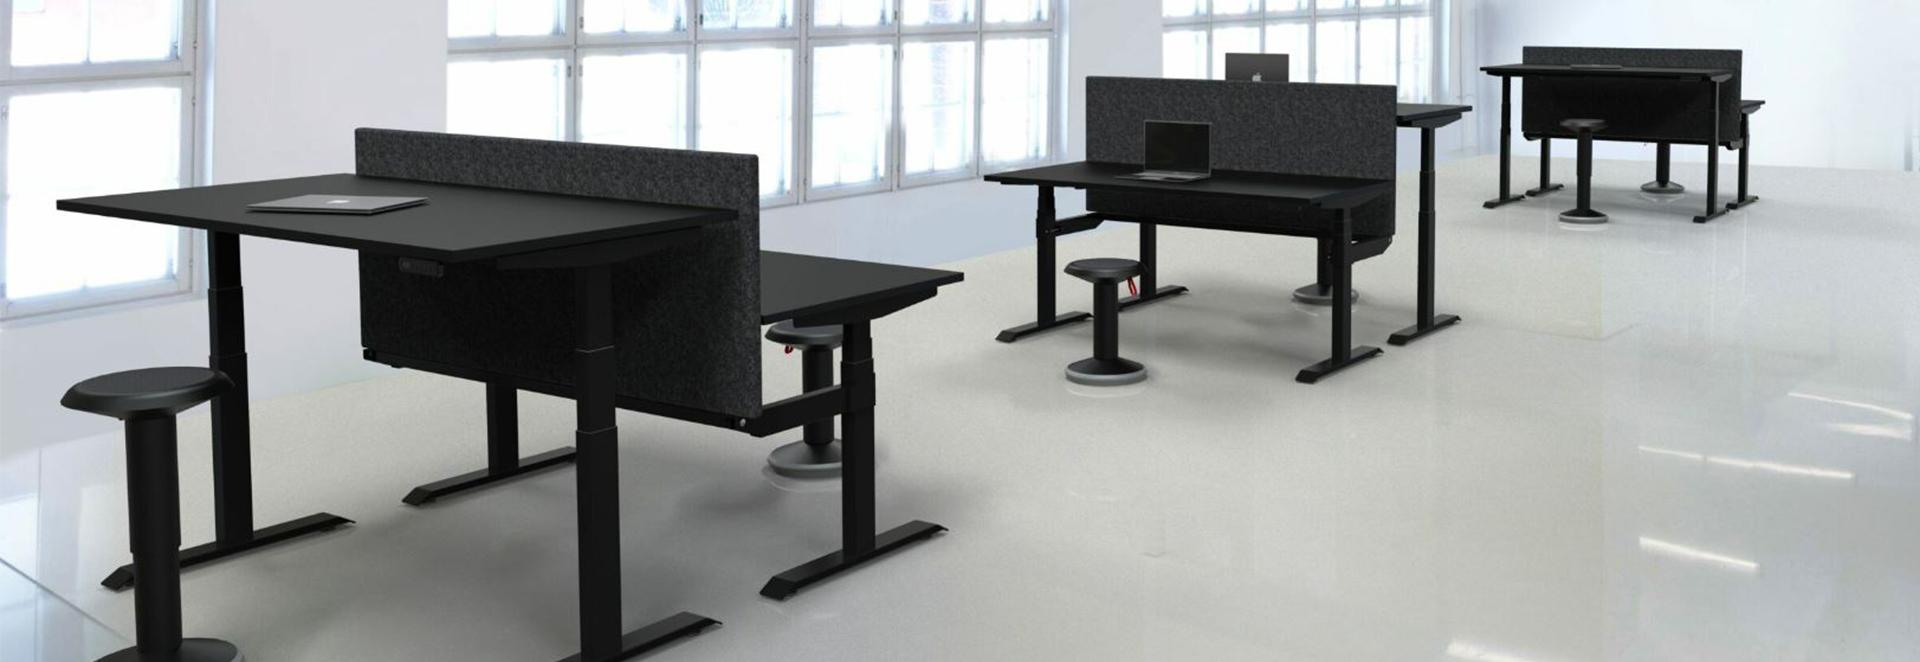 4 tips voor het optimaal gebruiken van uw zit-sta bureau